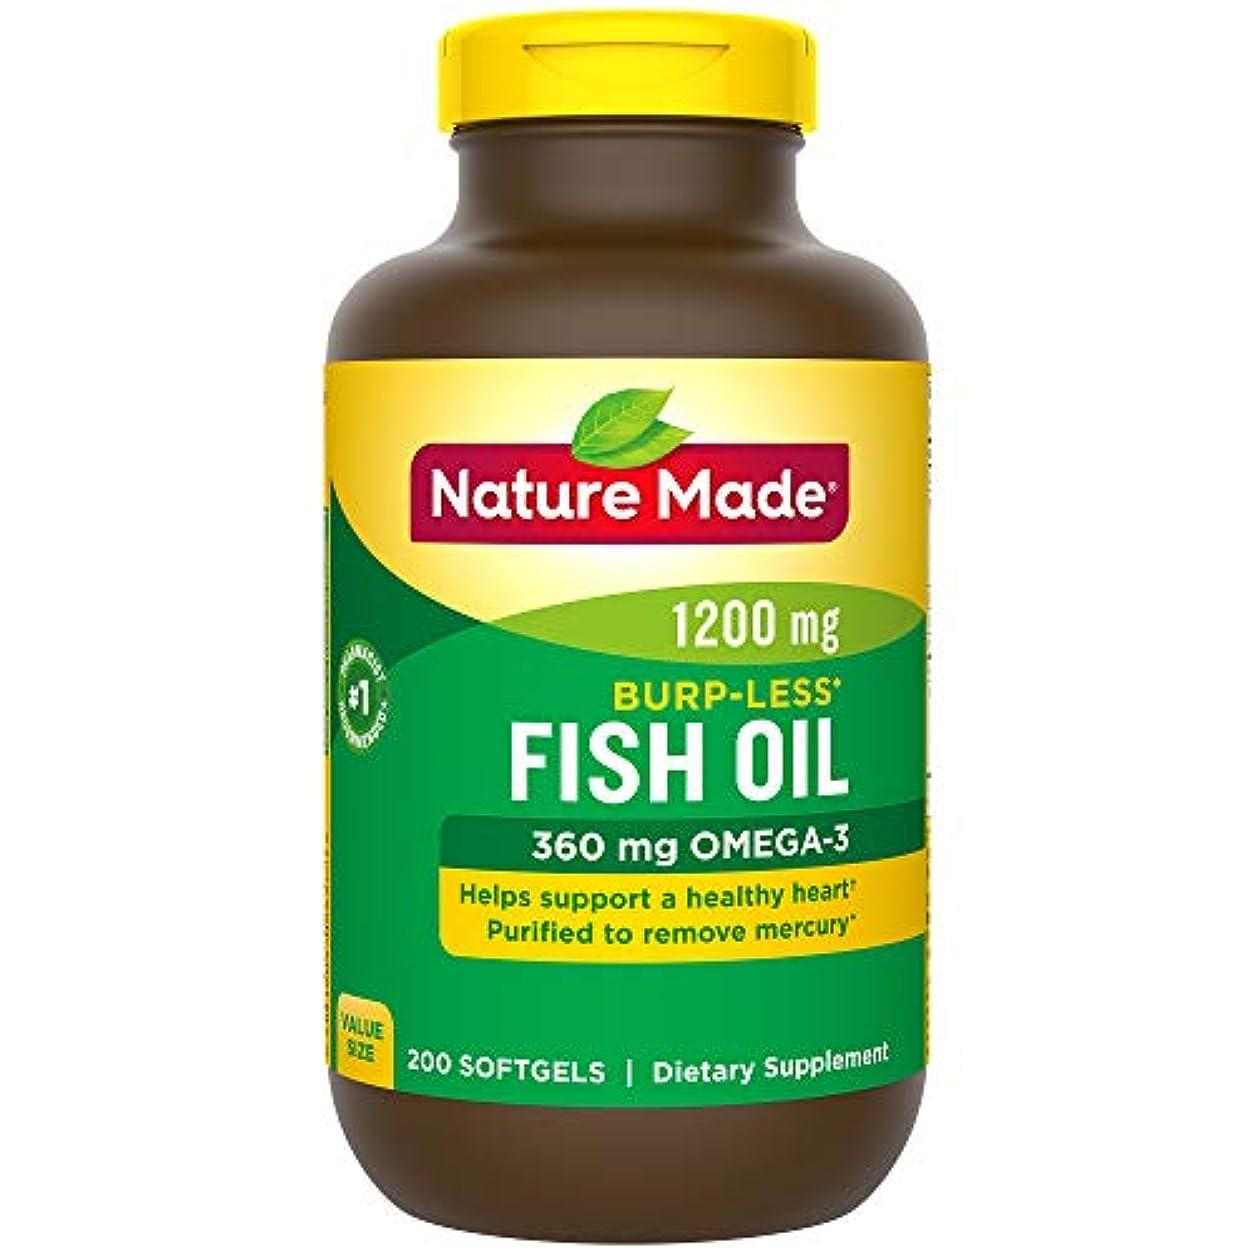 牛肉誇張する汚物Nature Made Fish Oil 1200 Mg Burp-less, Value Size, 200-Count 海外直送品